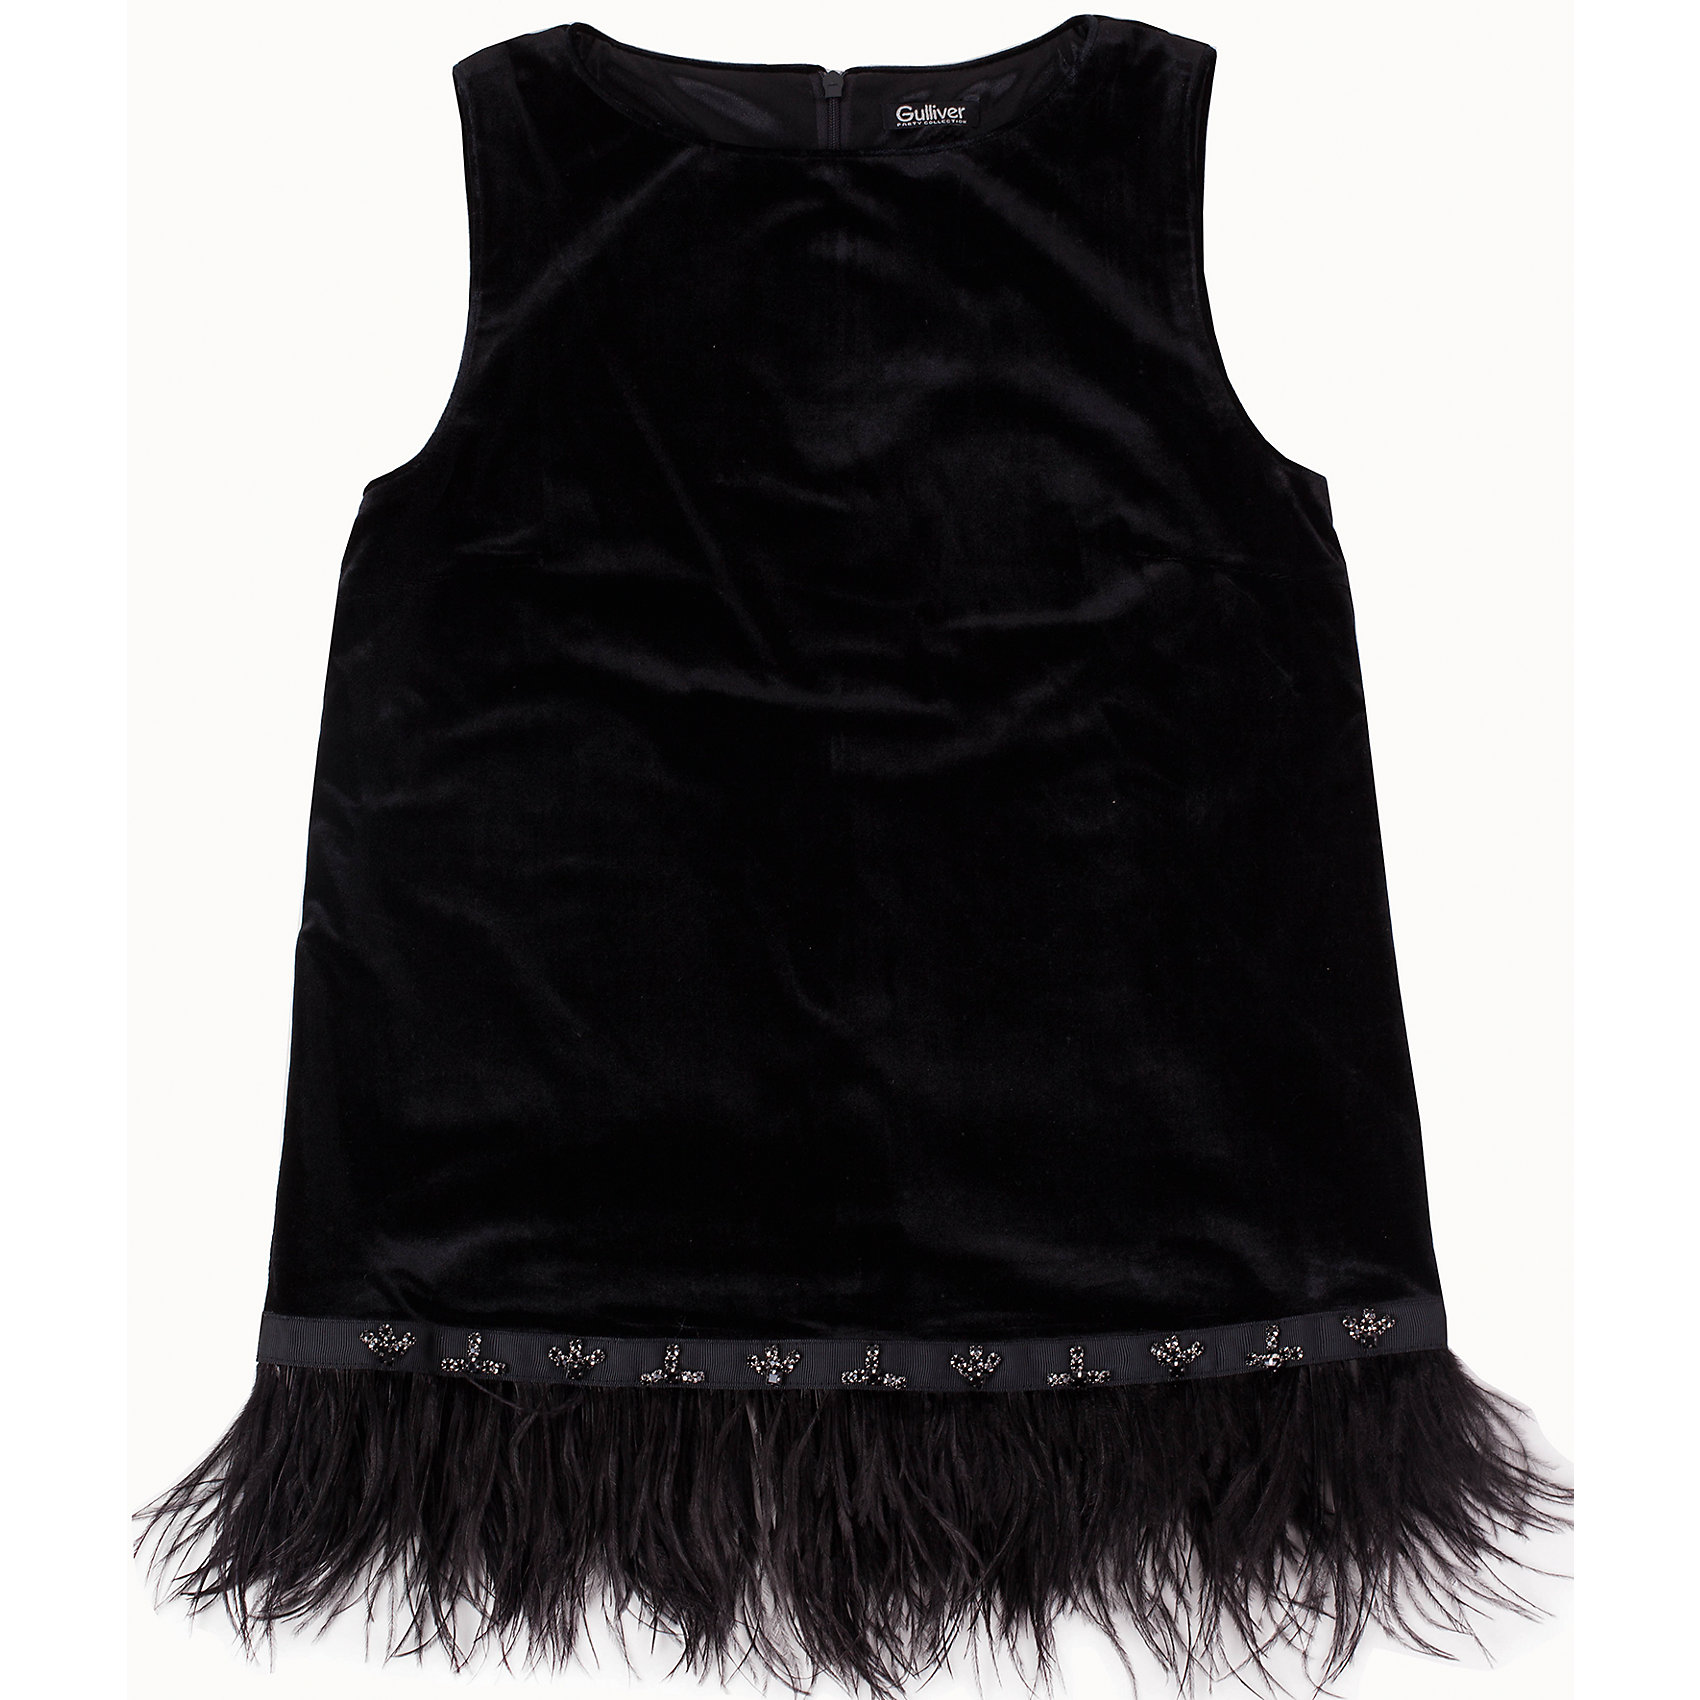 Блузка для девочки GulliverОдежда<br>Блузка для девочки от известного бренда Gulliver.<br>Ох уж, эти модницы… Их гардероб пестрит нарядами, но разве можно пройти мимо новой блузки? Оригинальные и экстравагантные блузки - предмет их особой гордости! Если вы хотите быть на одной волне с девочкой-подростком, вам стоит купить черную блузку из бархата и перьев! В компании с блестящими брюками, блузка будет выглядеть безупречно, создавая красивый благородный комплект. Также, она вполне уместна в сочетании с джинсами. Это будет выглядеть менее пафосно, но не менее стильно и привлекательно!<br>Состав:<br>верх: 95% полиэстер 5% эластан; подкладка: 100% полиэстер<br><br>Ширина мм: 186<br>Глубина мм: 87<br>Высота мм: 198<br>Вес г: 197<br>Цвет: черный<br>Возраст от месяцев: 132<br>Возраст до месяцев: 144<br>Пол: Женский<br>Возраст: Детский<br>Размер: 152,164,146,158<br>SKU: 5103524